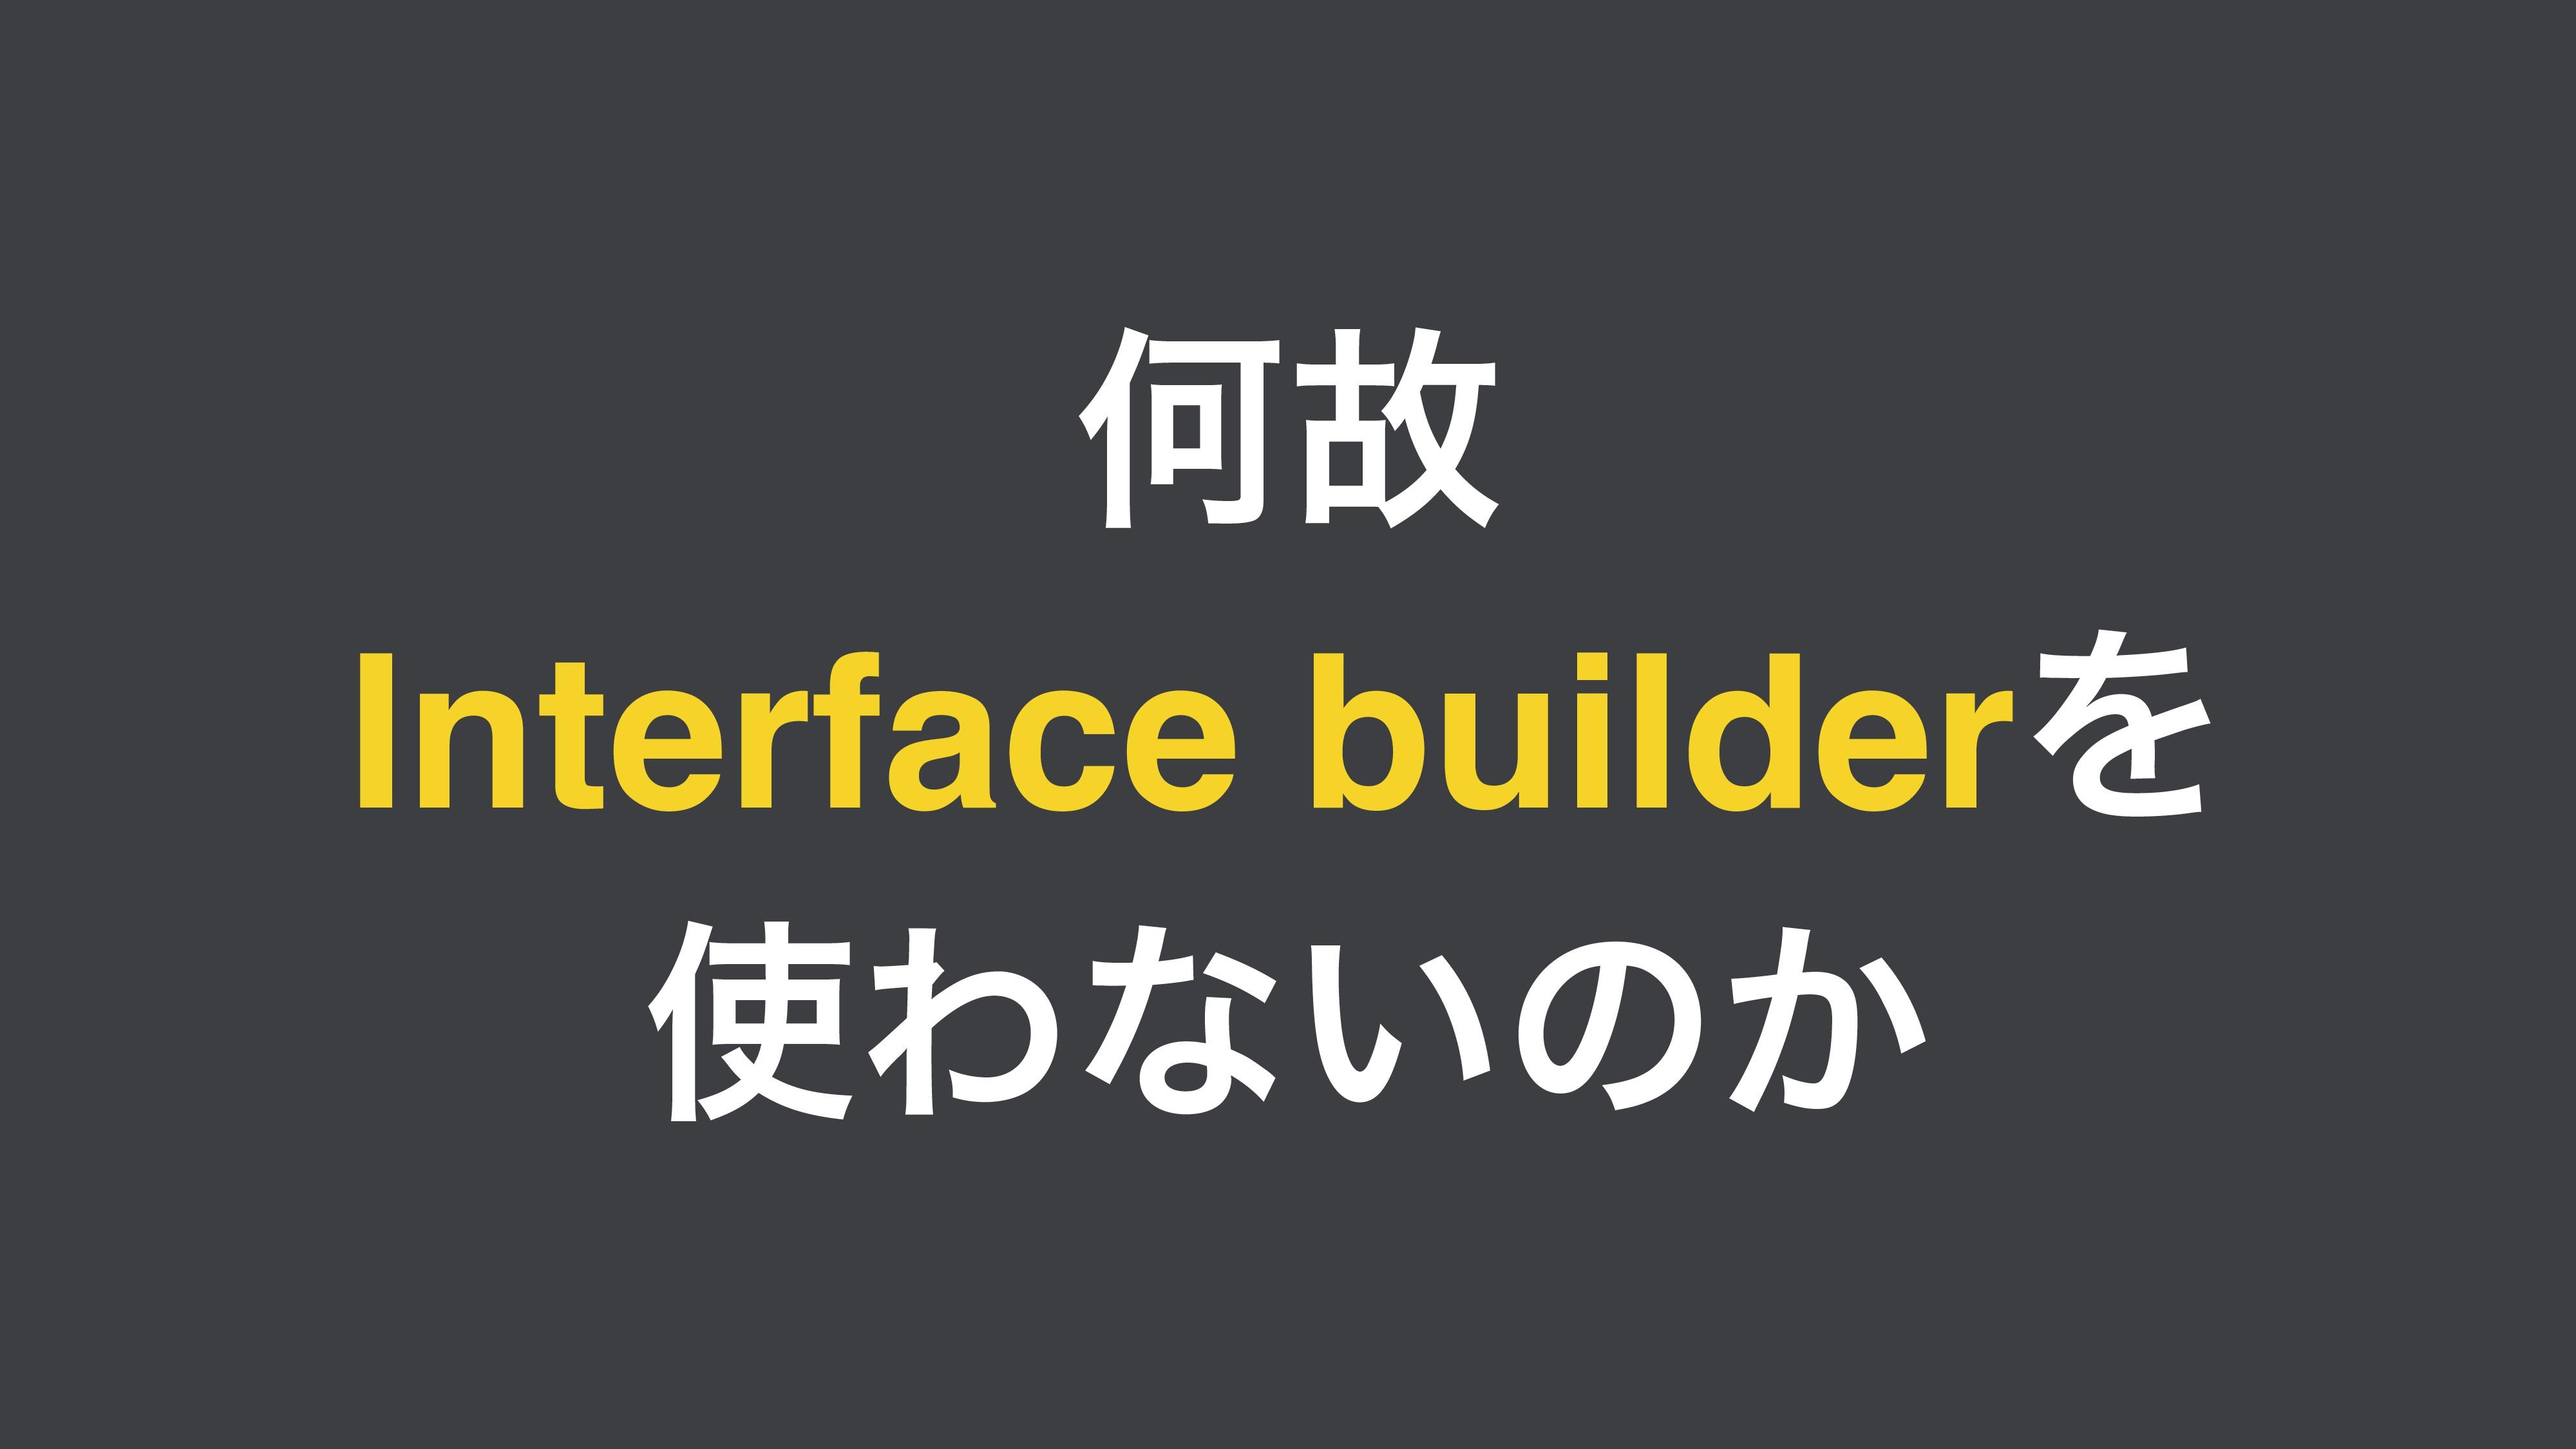 Կނ Interface builderΛ Θͳ͍ͷ͔